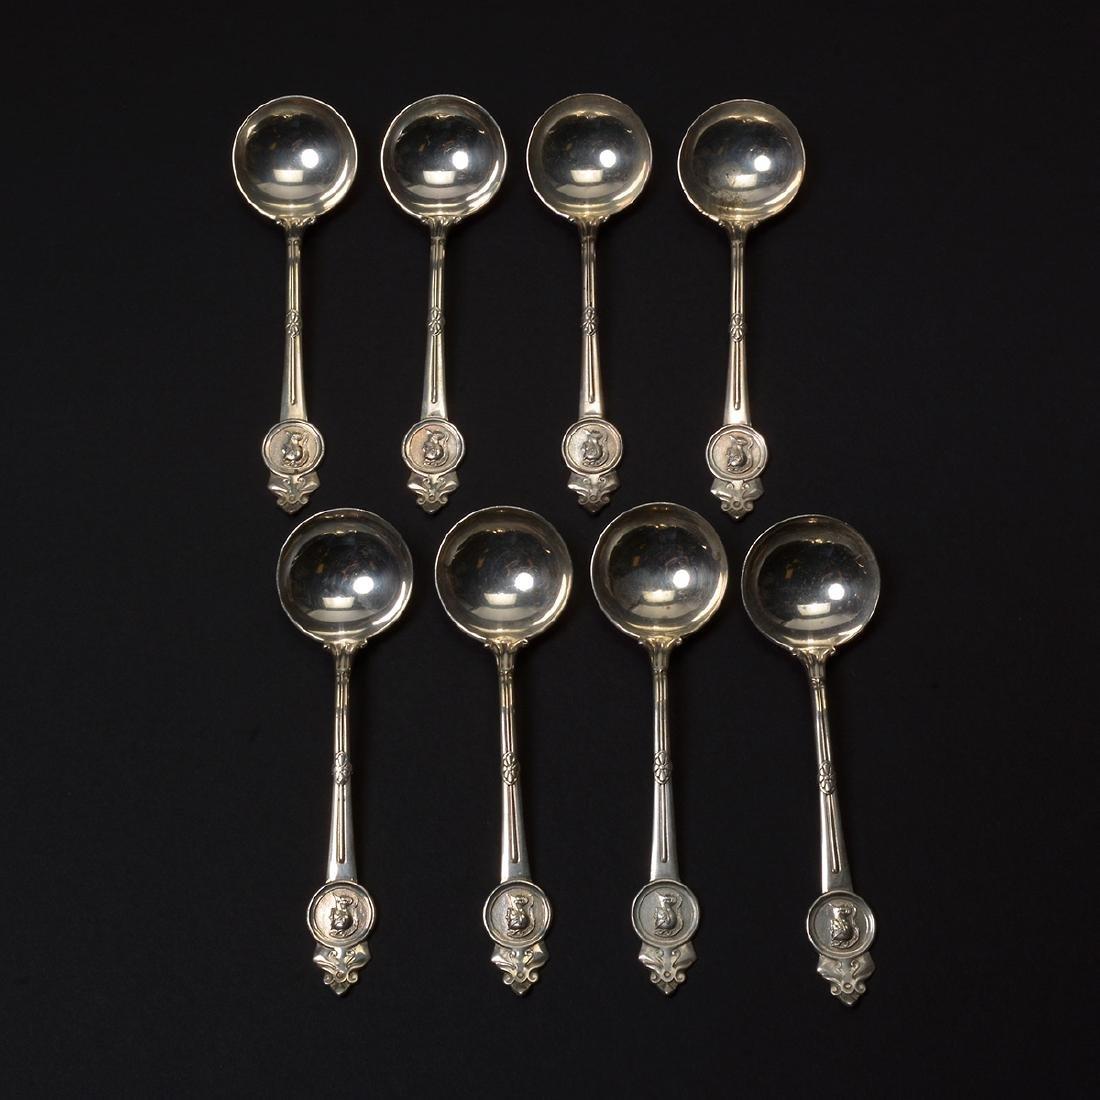 Gorham Medallion Sterling Flatware Set (111 pcs) - 3